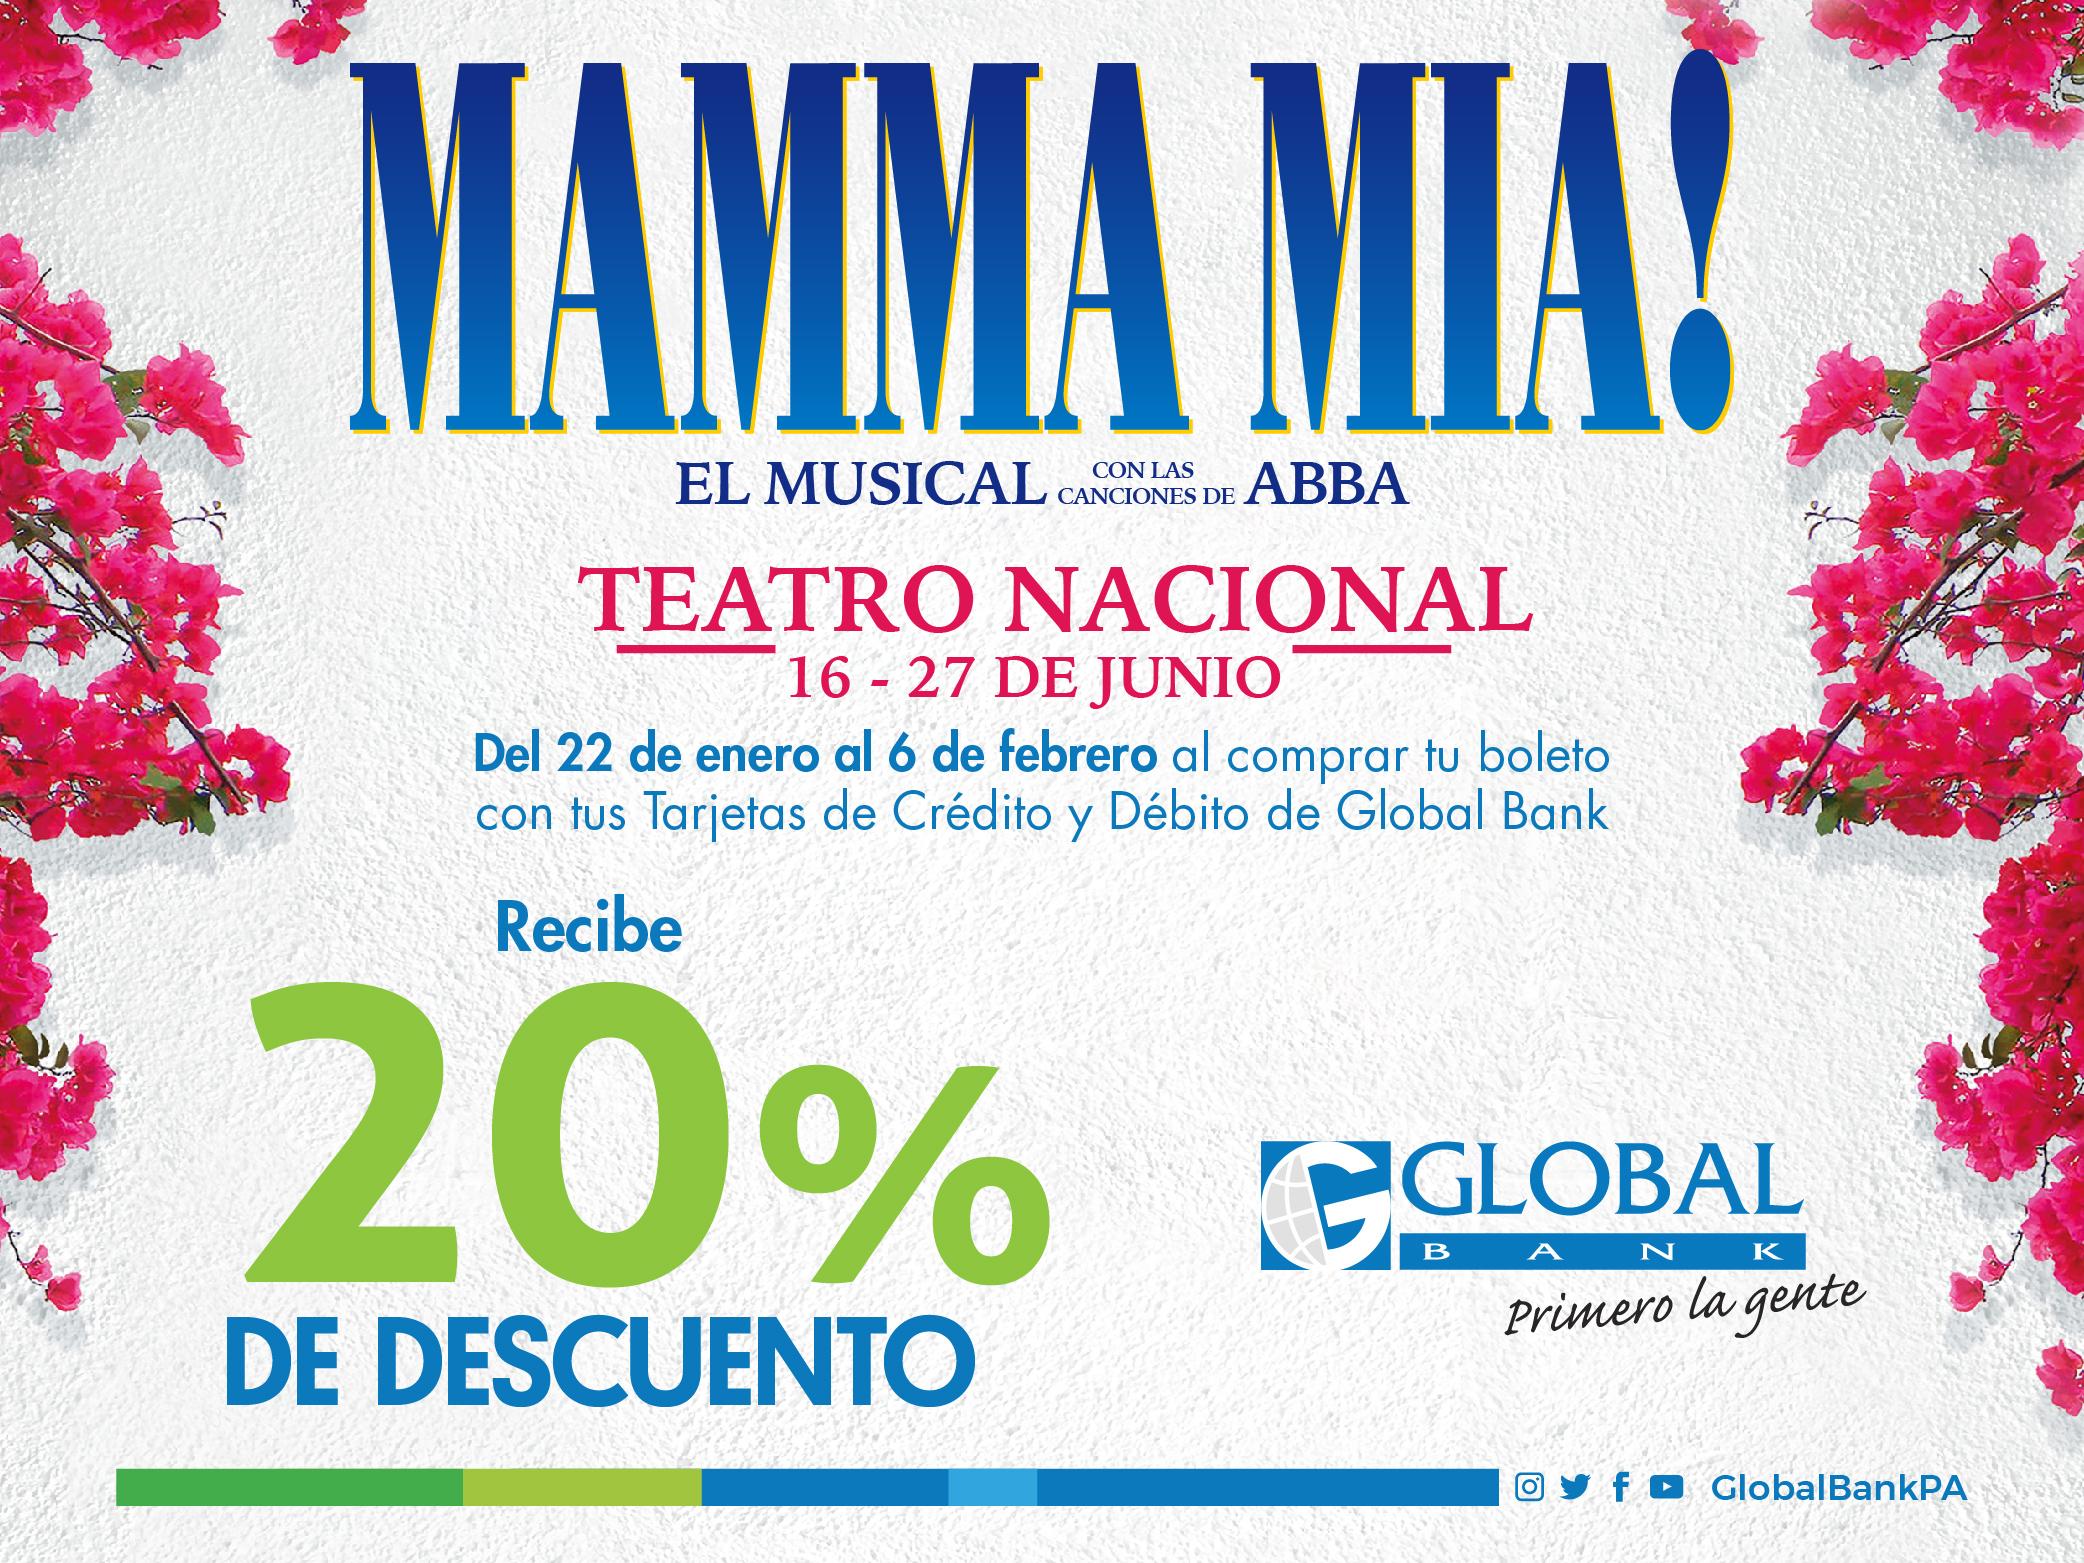 Imagen relacionada a la promoción Mamma Mia!